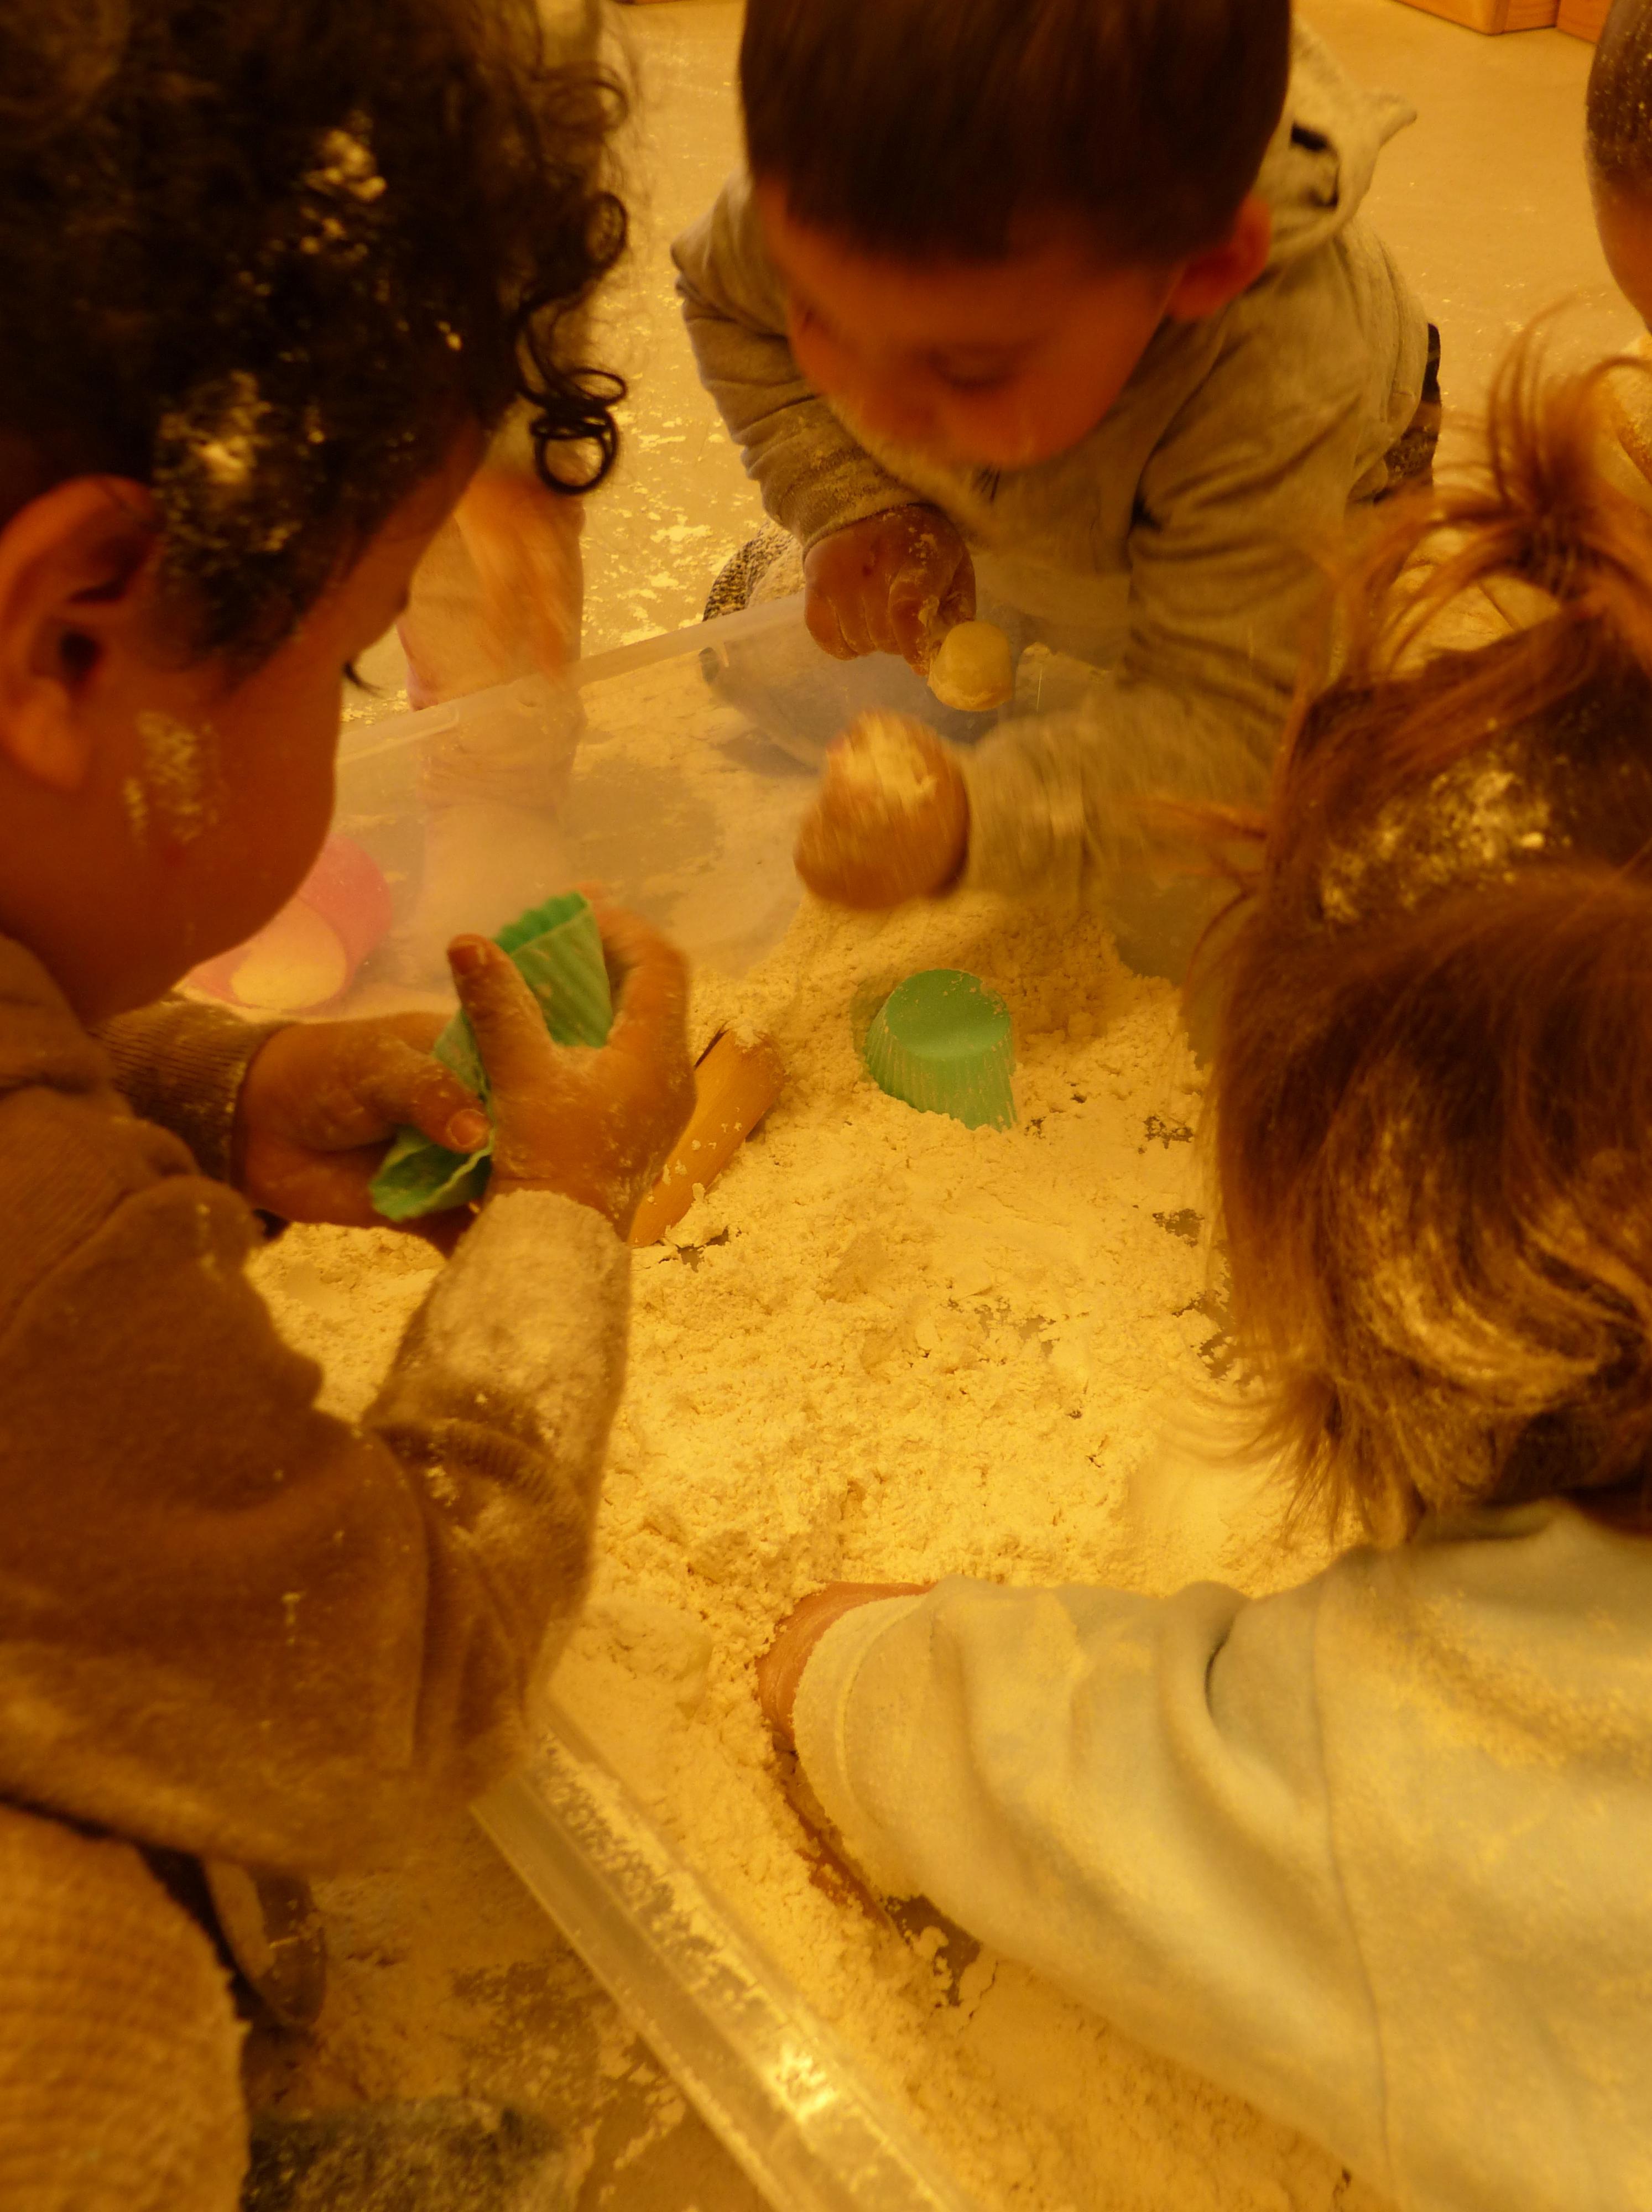 Hi ha quatre nens al voltant de la safata jugant amb farina.